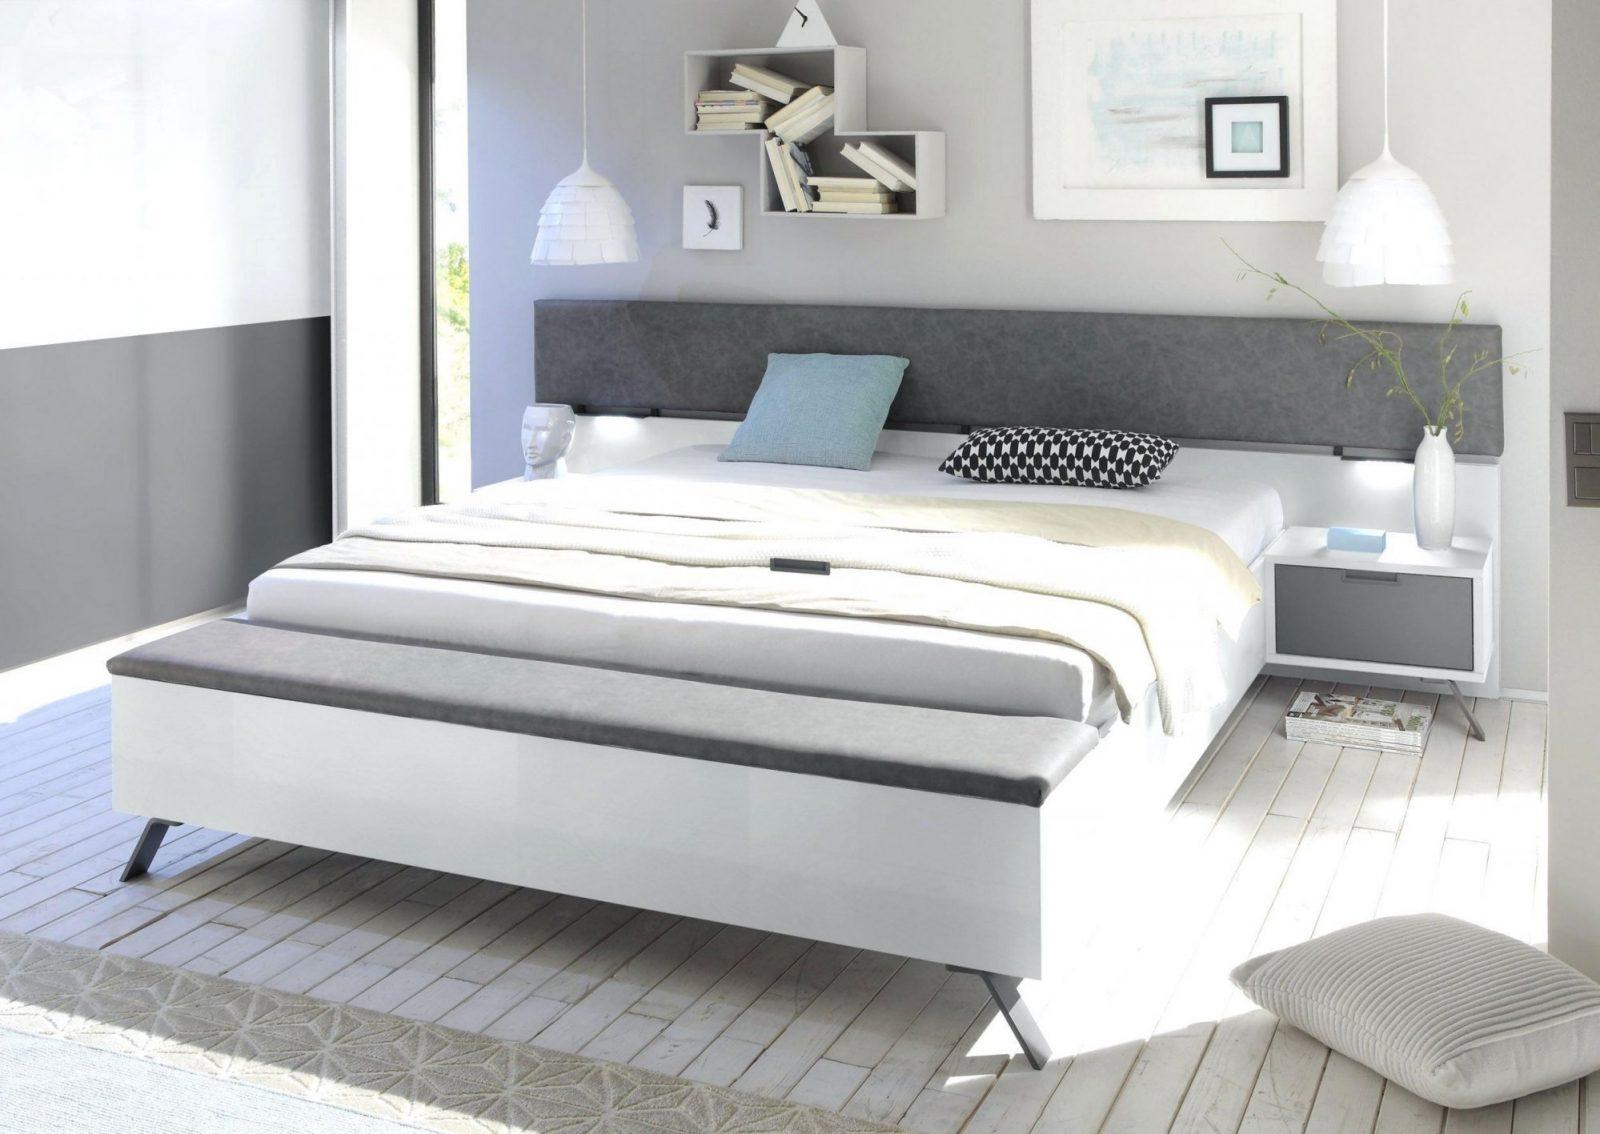 Fresh Bett Ausziehbar Gleiche Höhe – Betten von Bett Zum Ausziehen Gleiche Höhe Bild